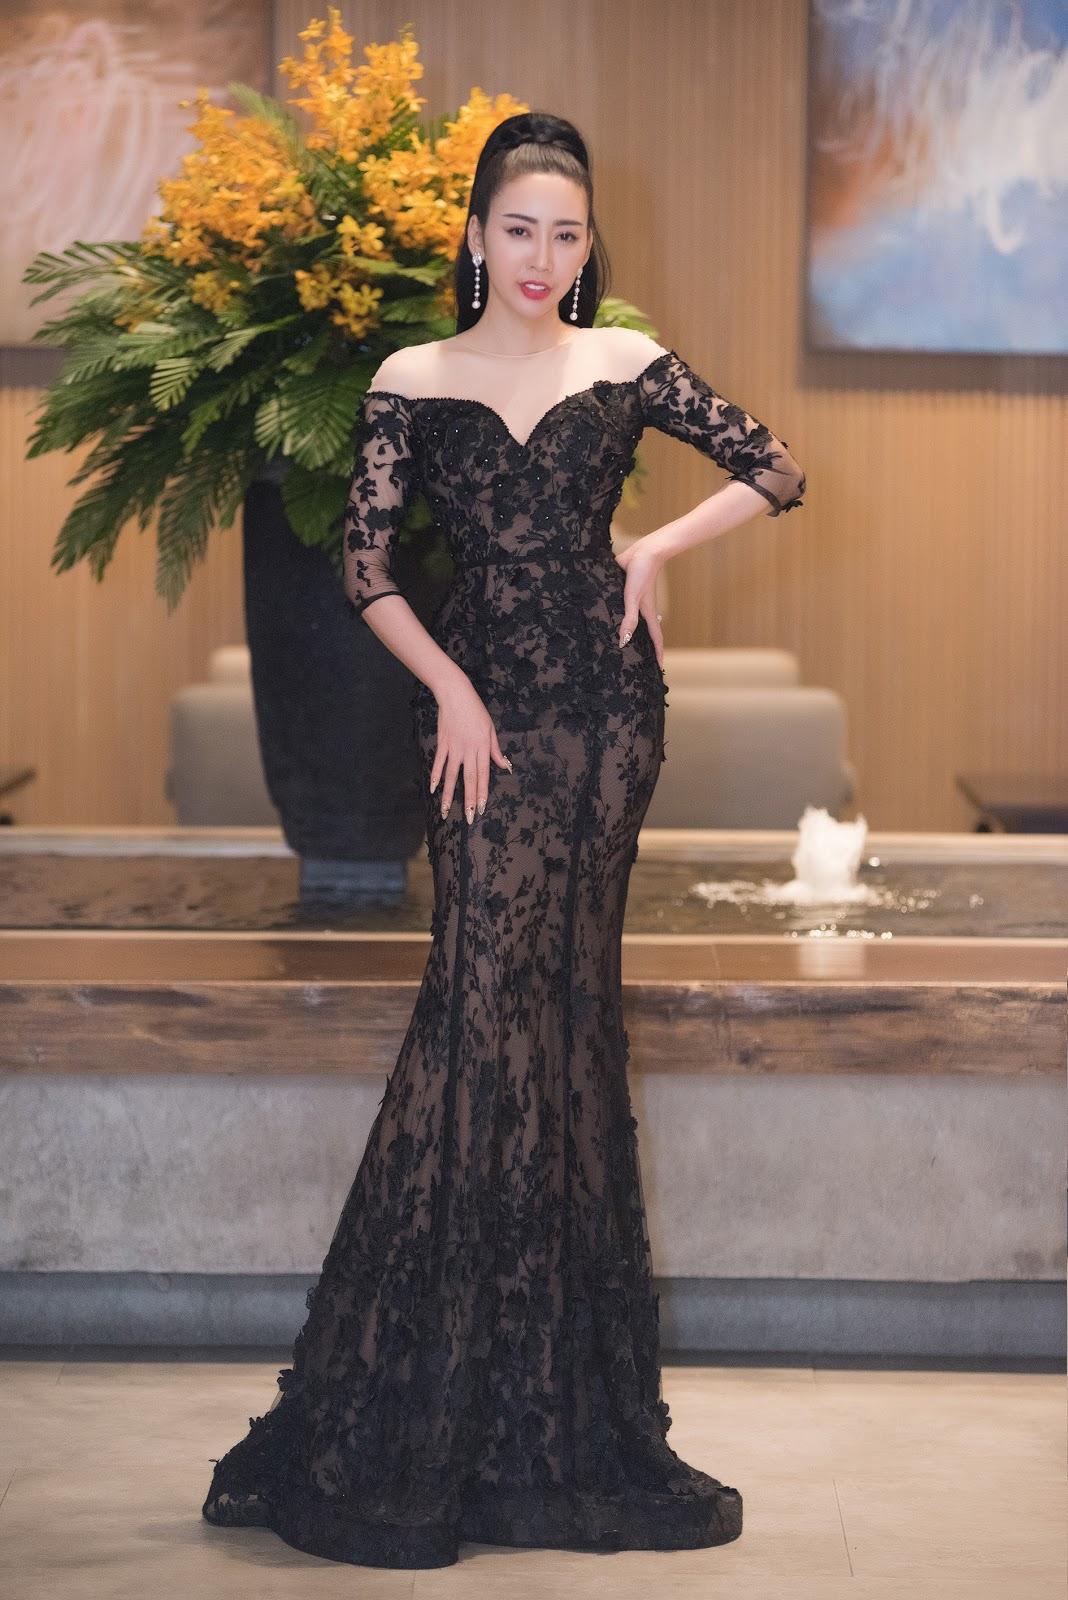 Hoa hậu - NTK Nhật Phượng đội vương miện mặc gợi cảm đi sự kiện - Hình 4